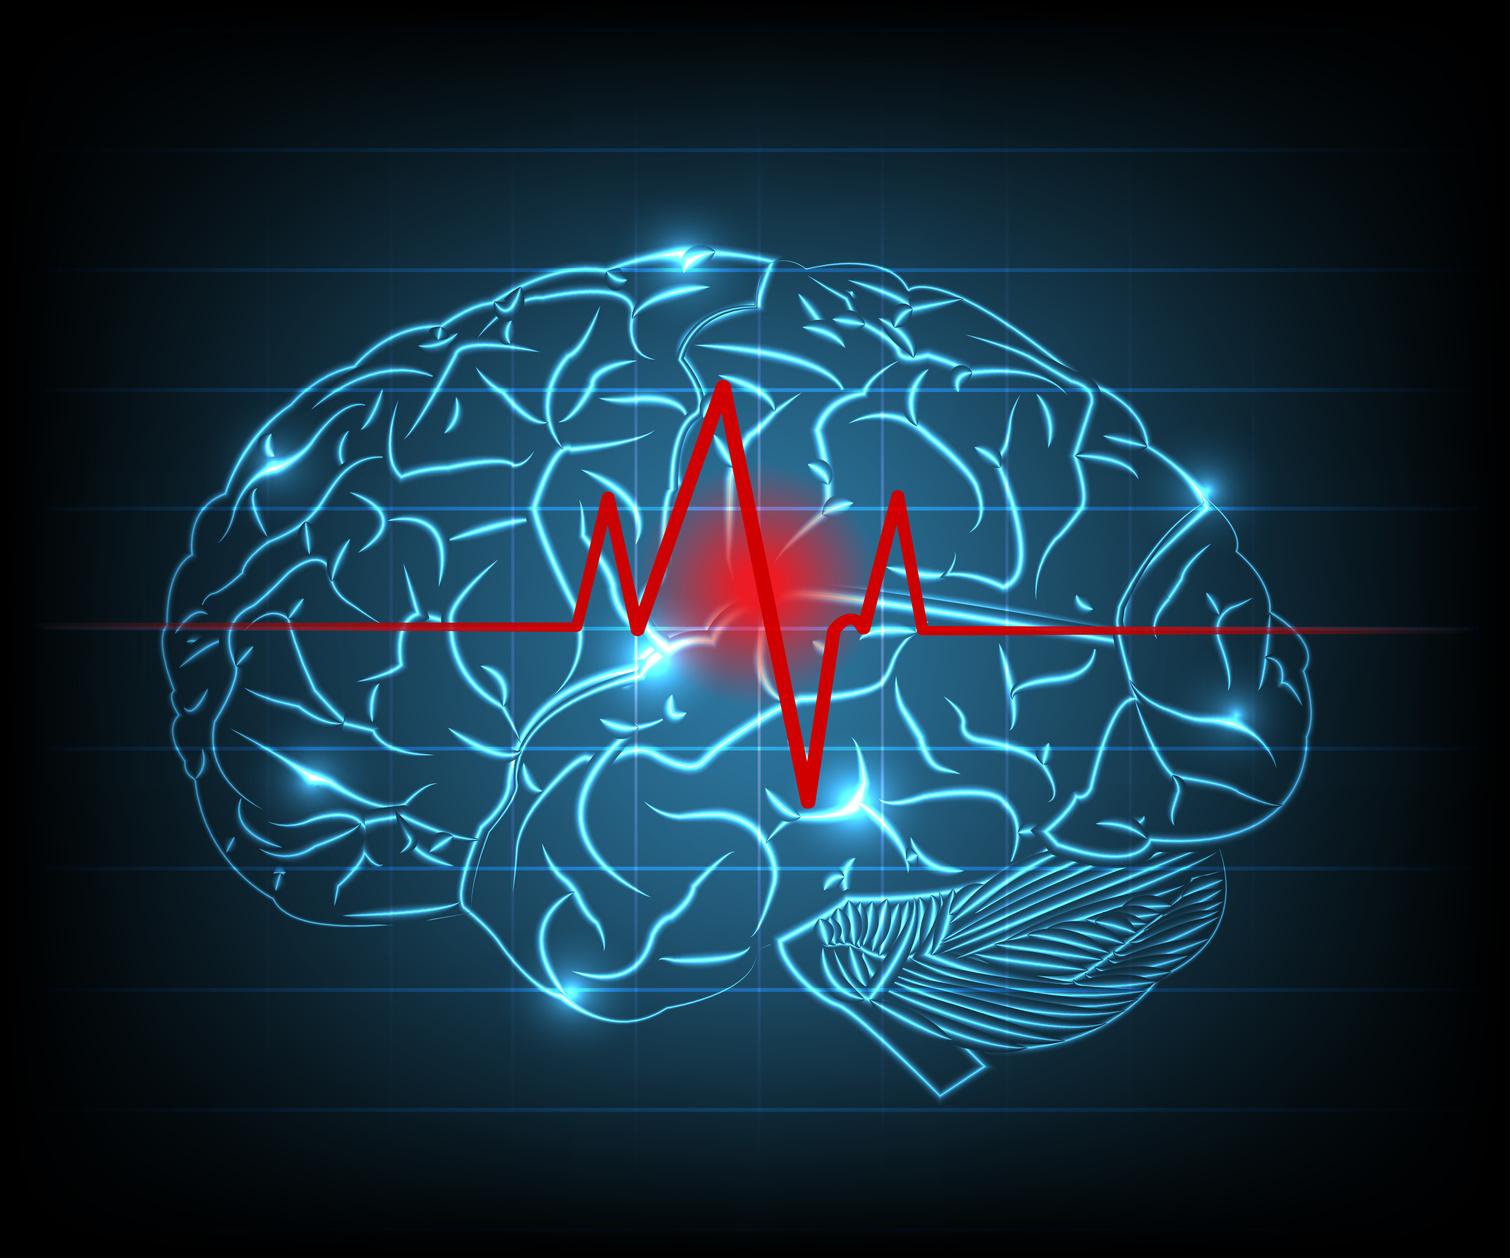 Zeichnung eines Gehirns, welches von einer roten Herzschlag-Linie durchzogen wird